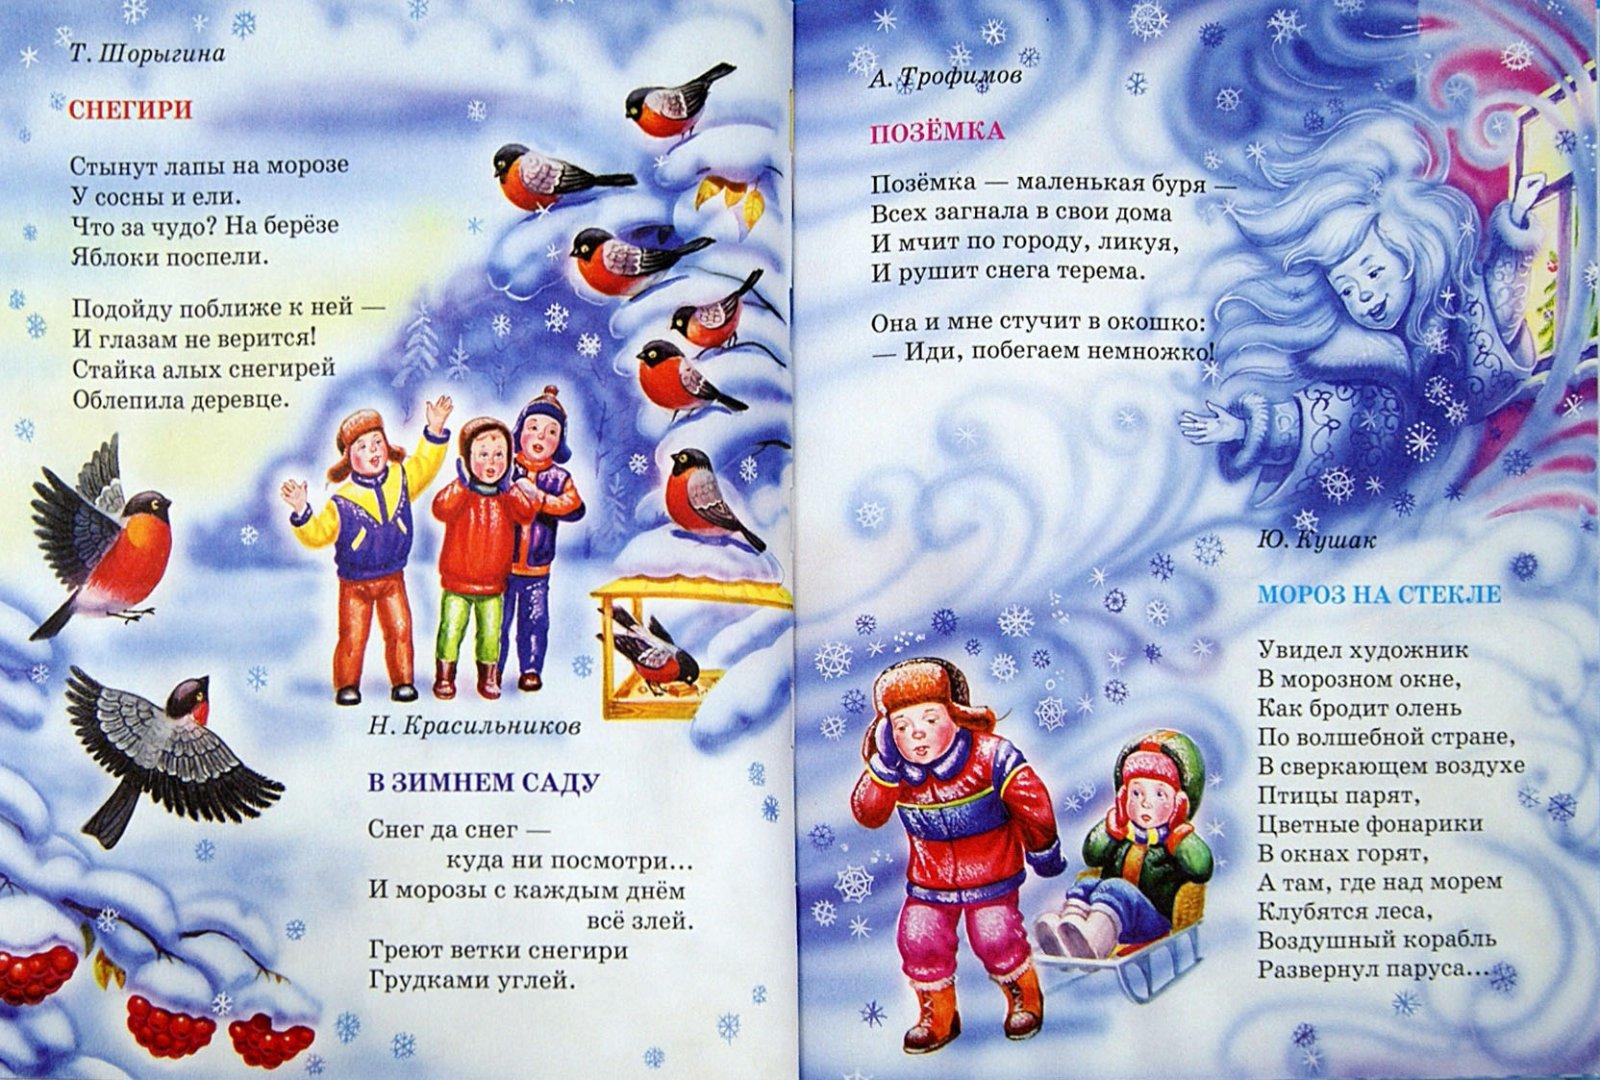 Стихи красивые о зиме для детей, картинки оборотней